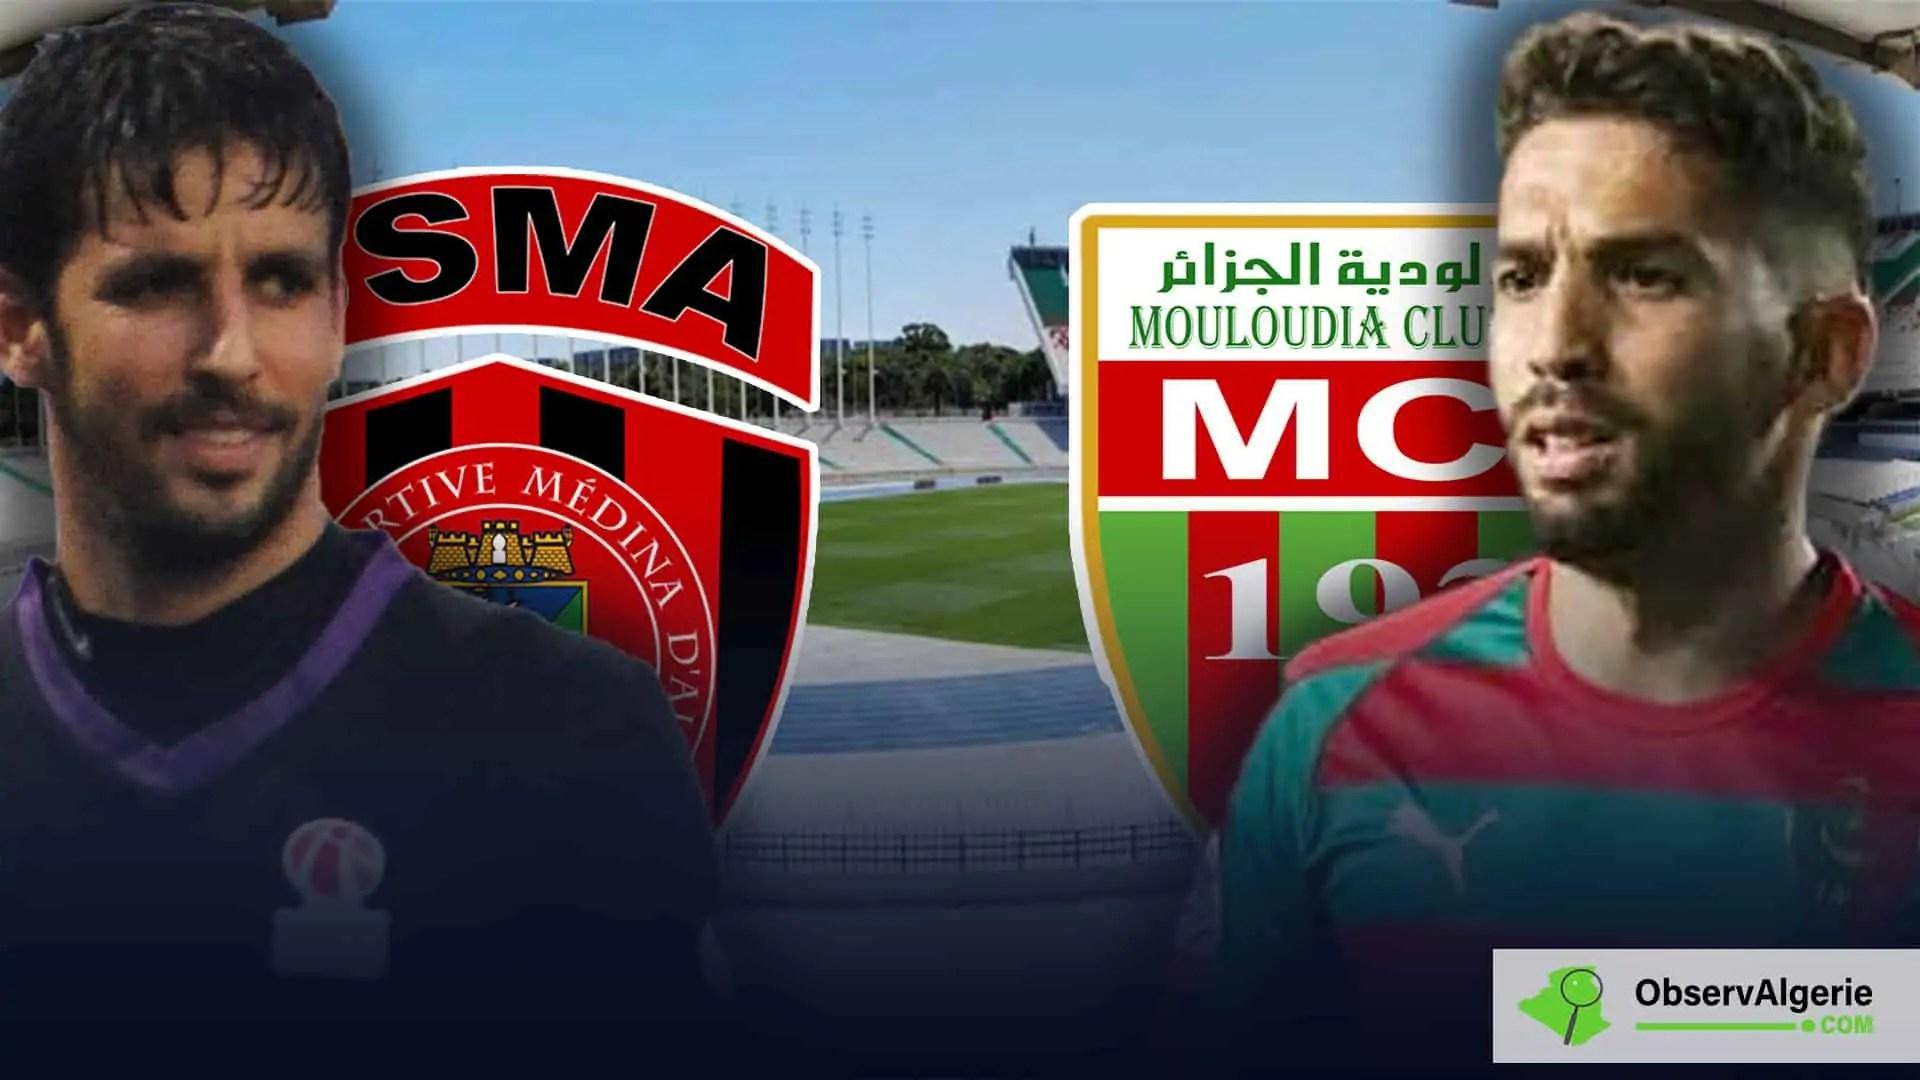 Algérie Football - cover